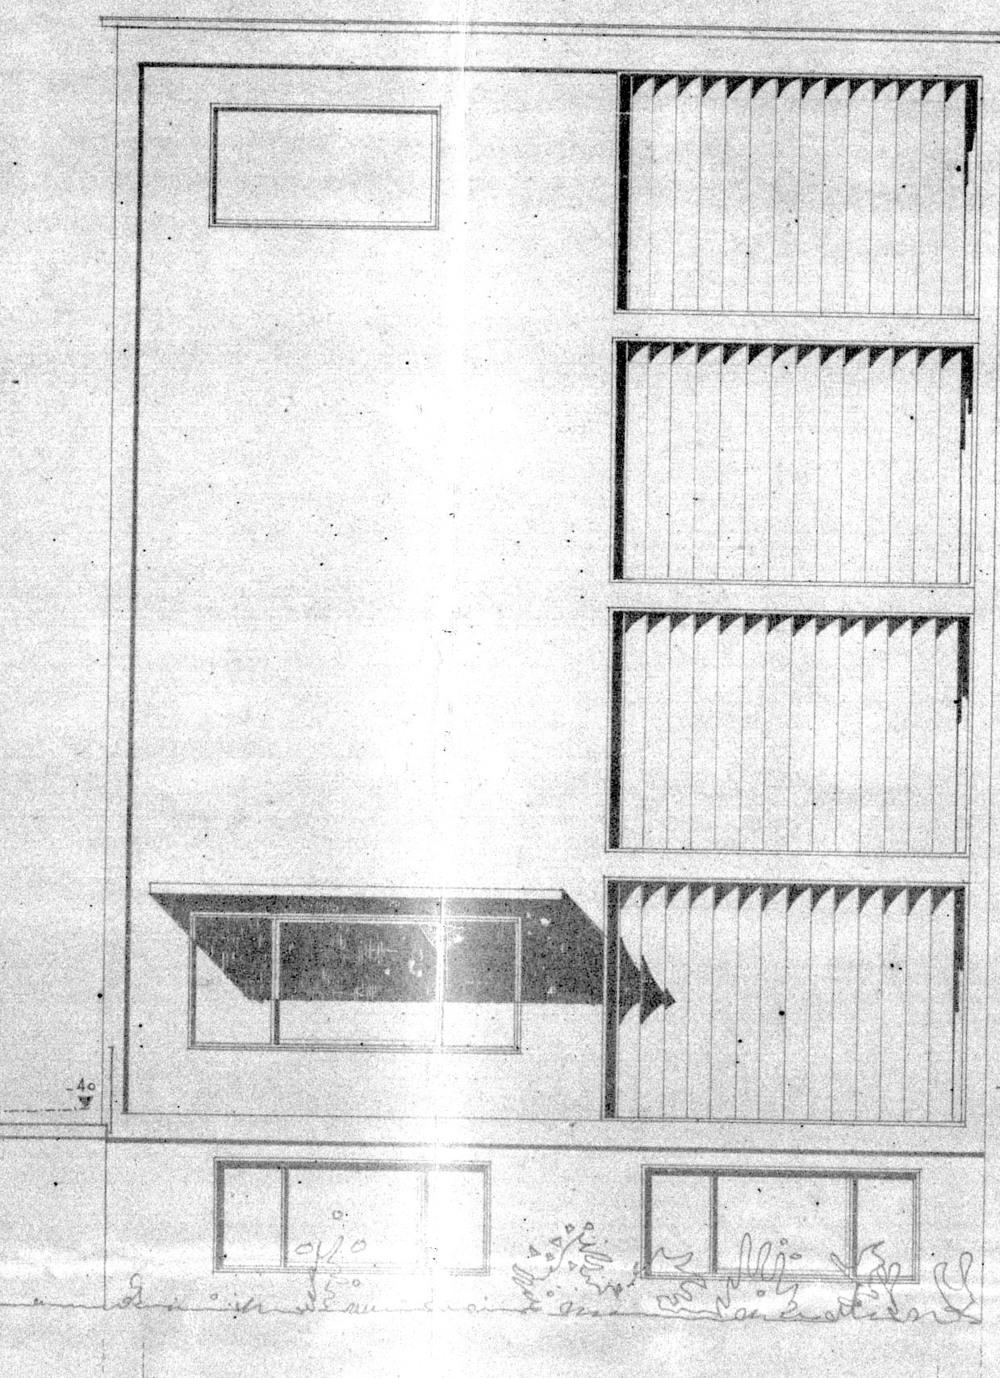 Resim 4: Yapının ön görünüşü